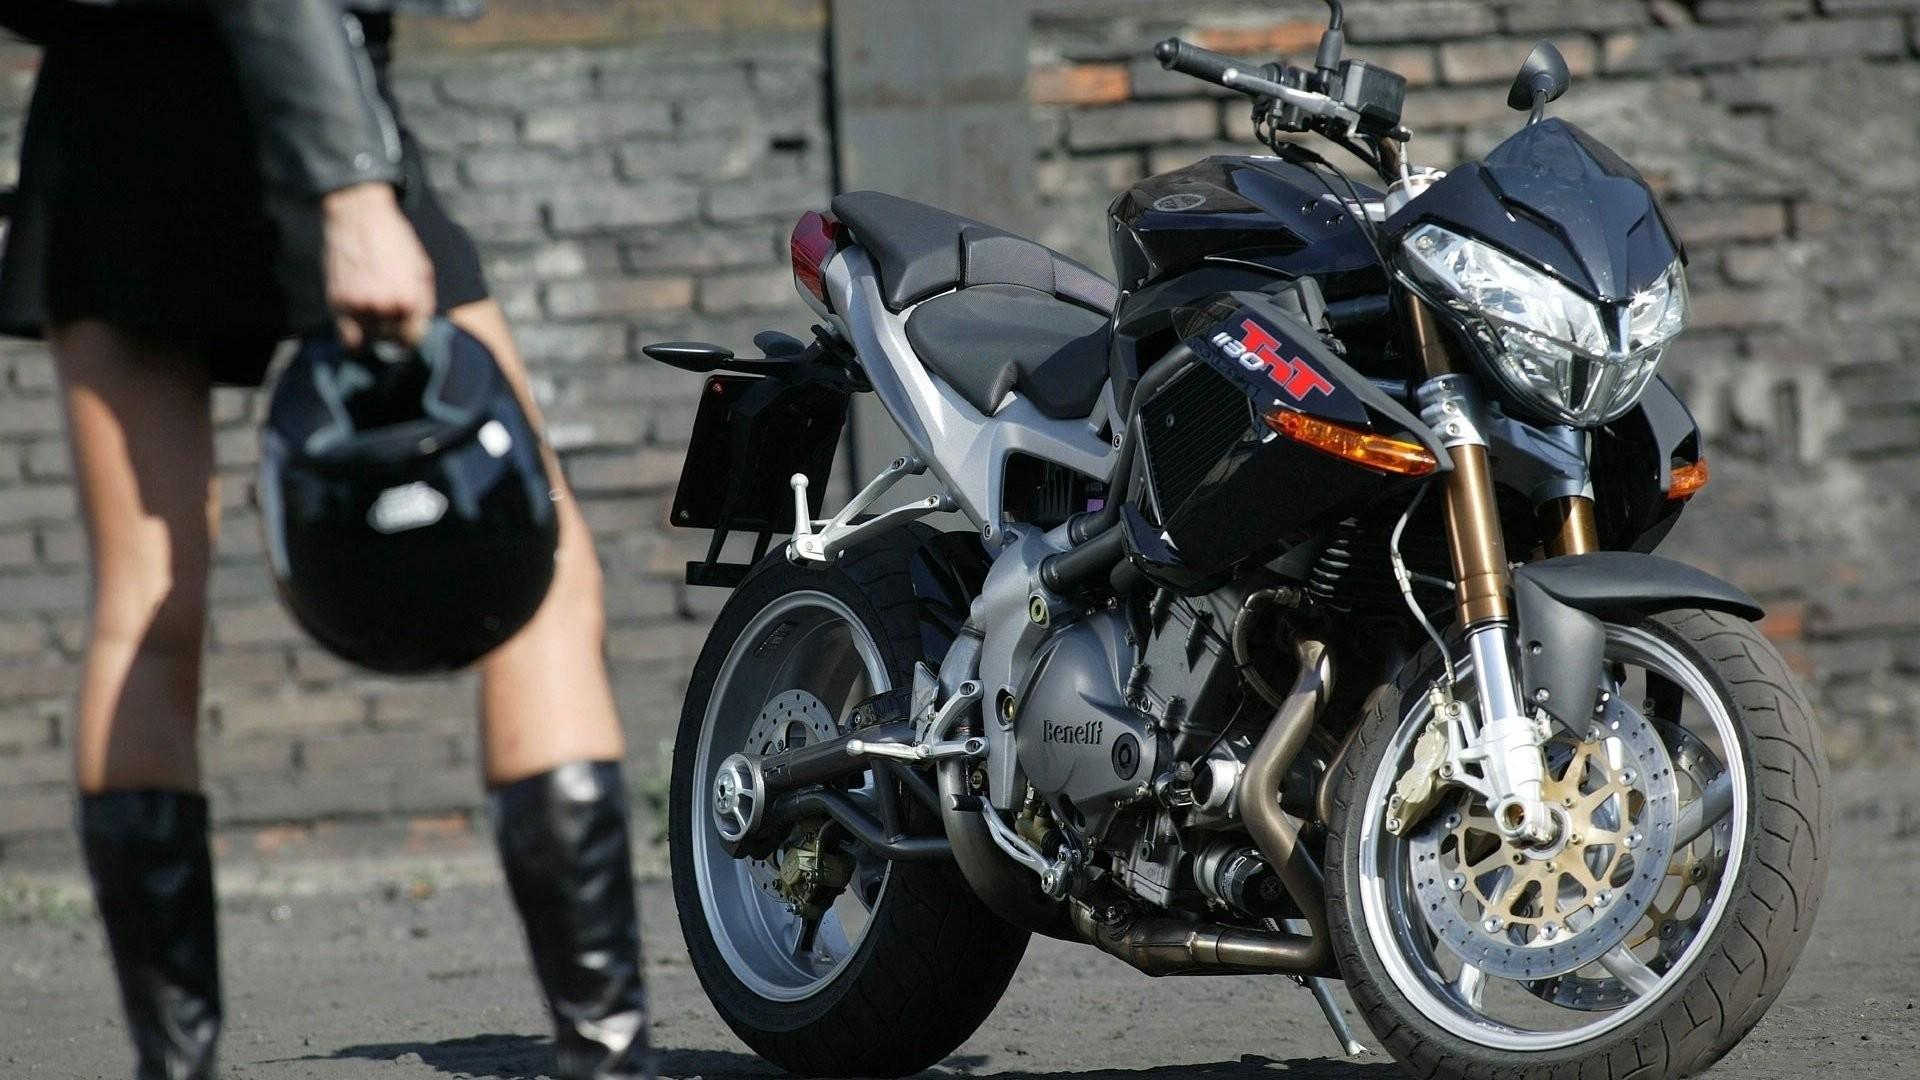 Girl bike motorcycle helmet benelli wallpaper     335962    WallpaperUP